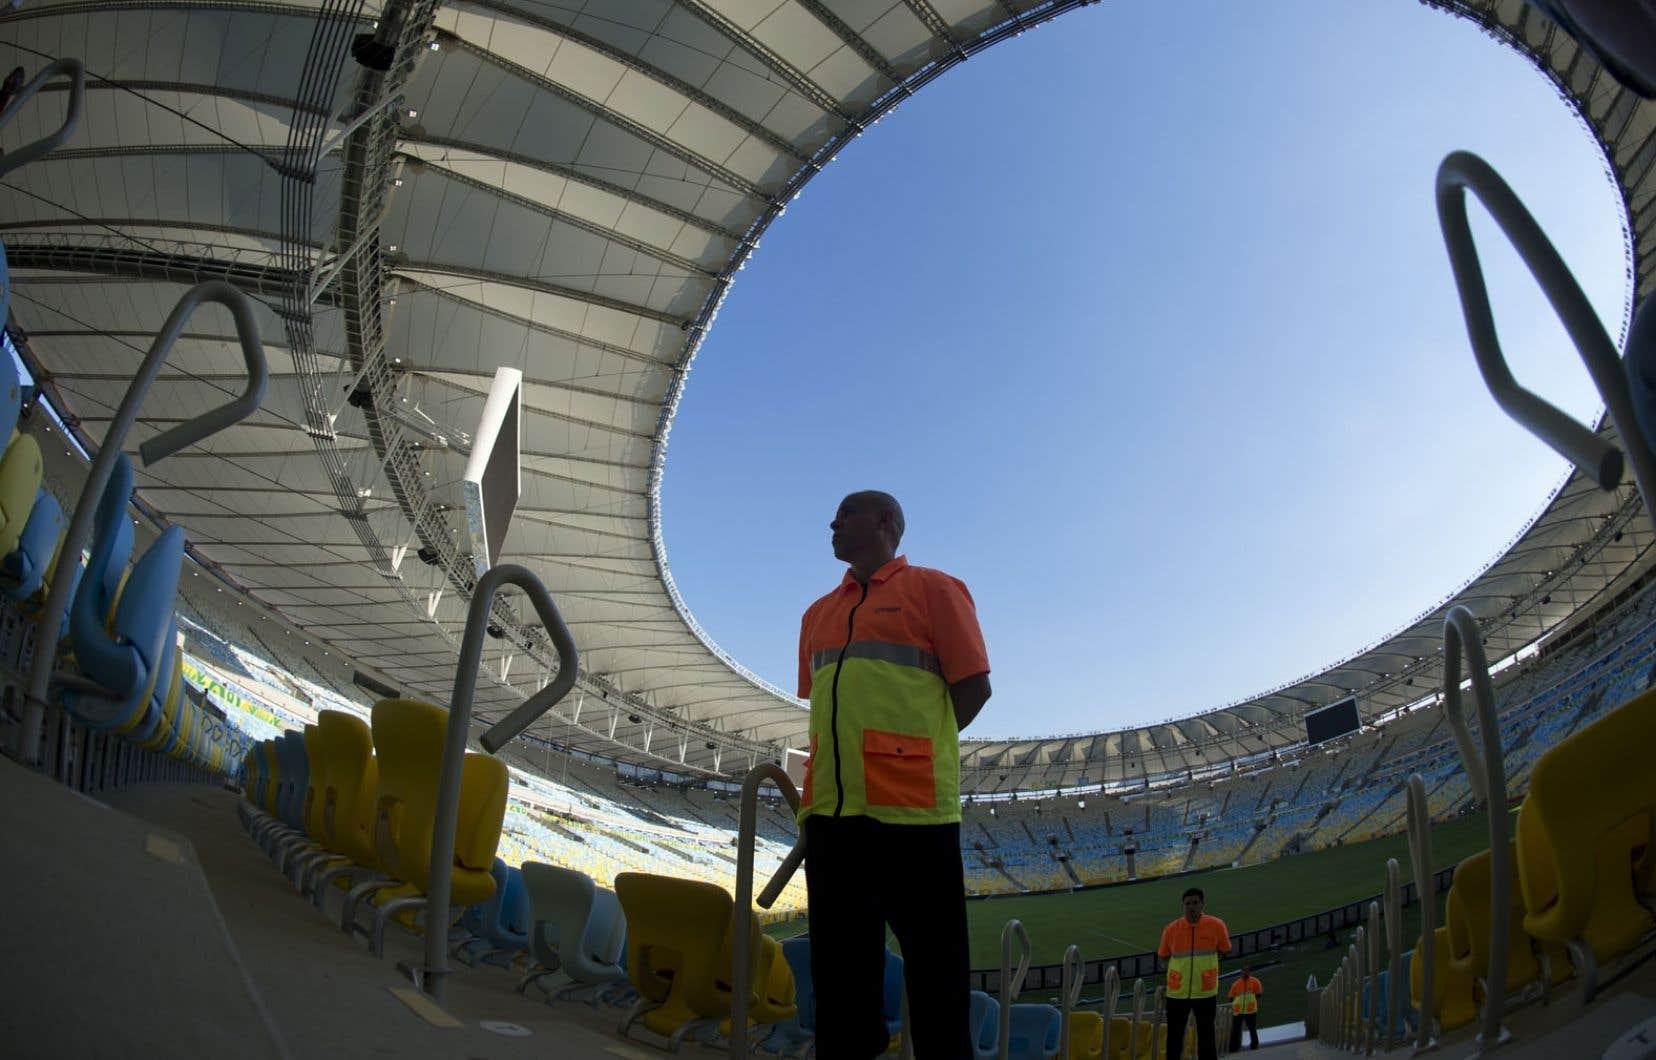 Des agents de sécurité lors d'un exercice dans le stade Maracanã de Rio de Janeiro, en juin2013. Le stade Maracanã est l'un des douze amphithéâtres du Brésil qui accueilleront des matchs de la Coupe du monde.